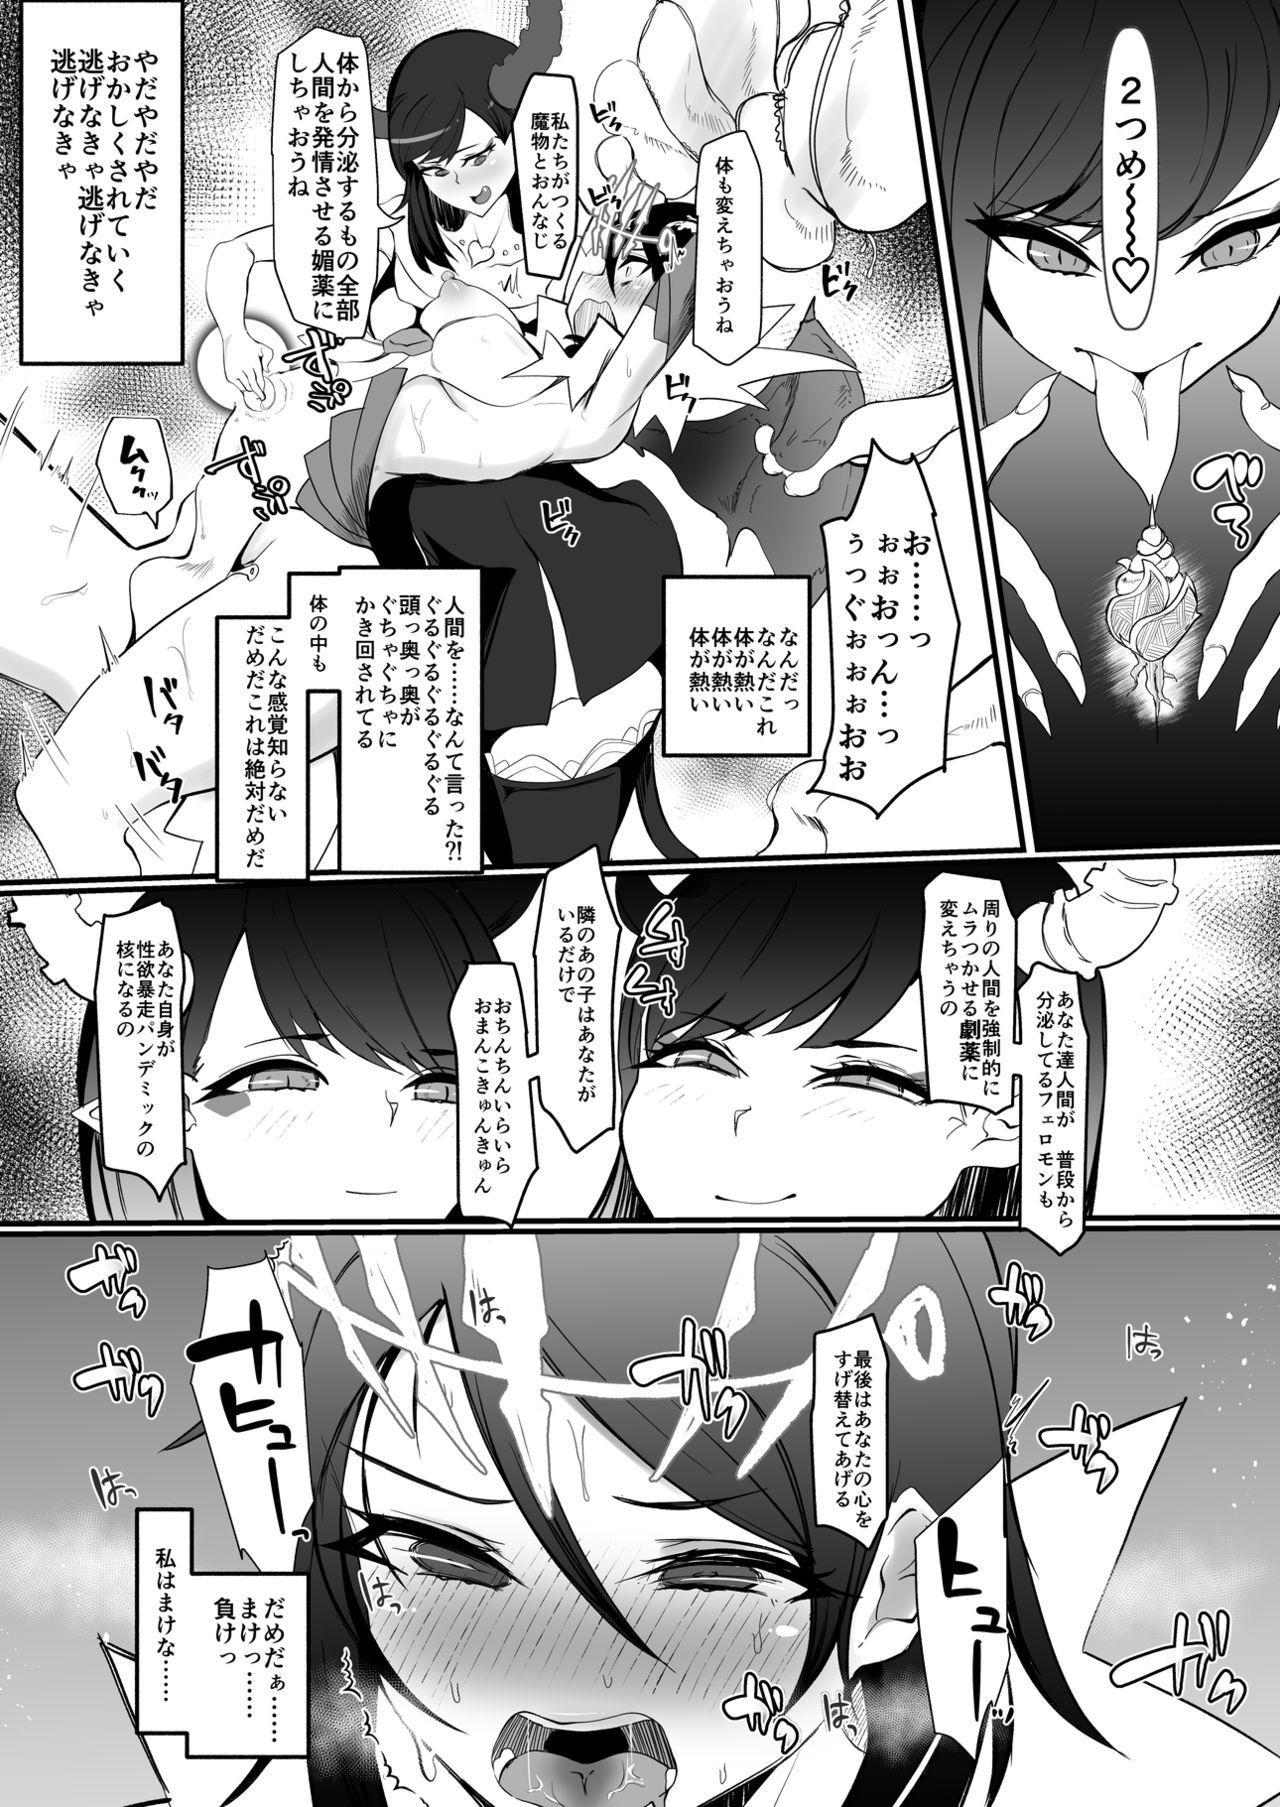 Futanari Mahou Shoujo k - Akumu no Futago 6